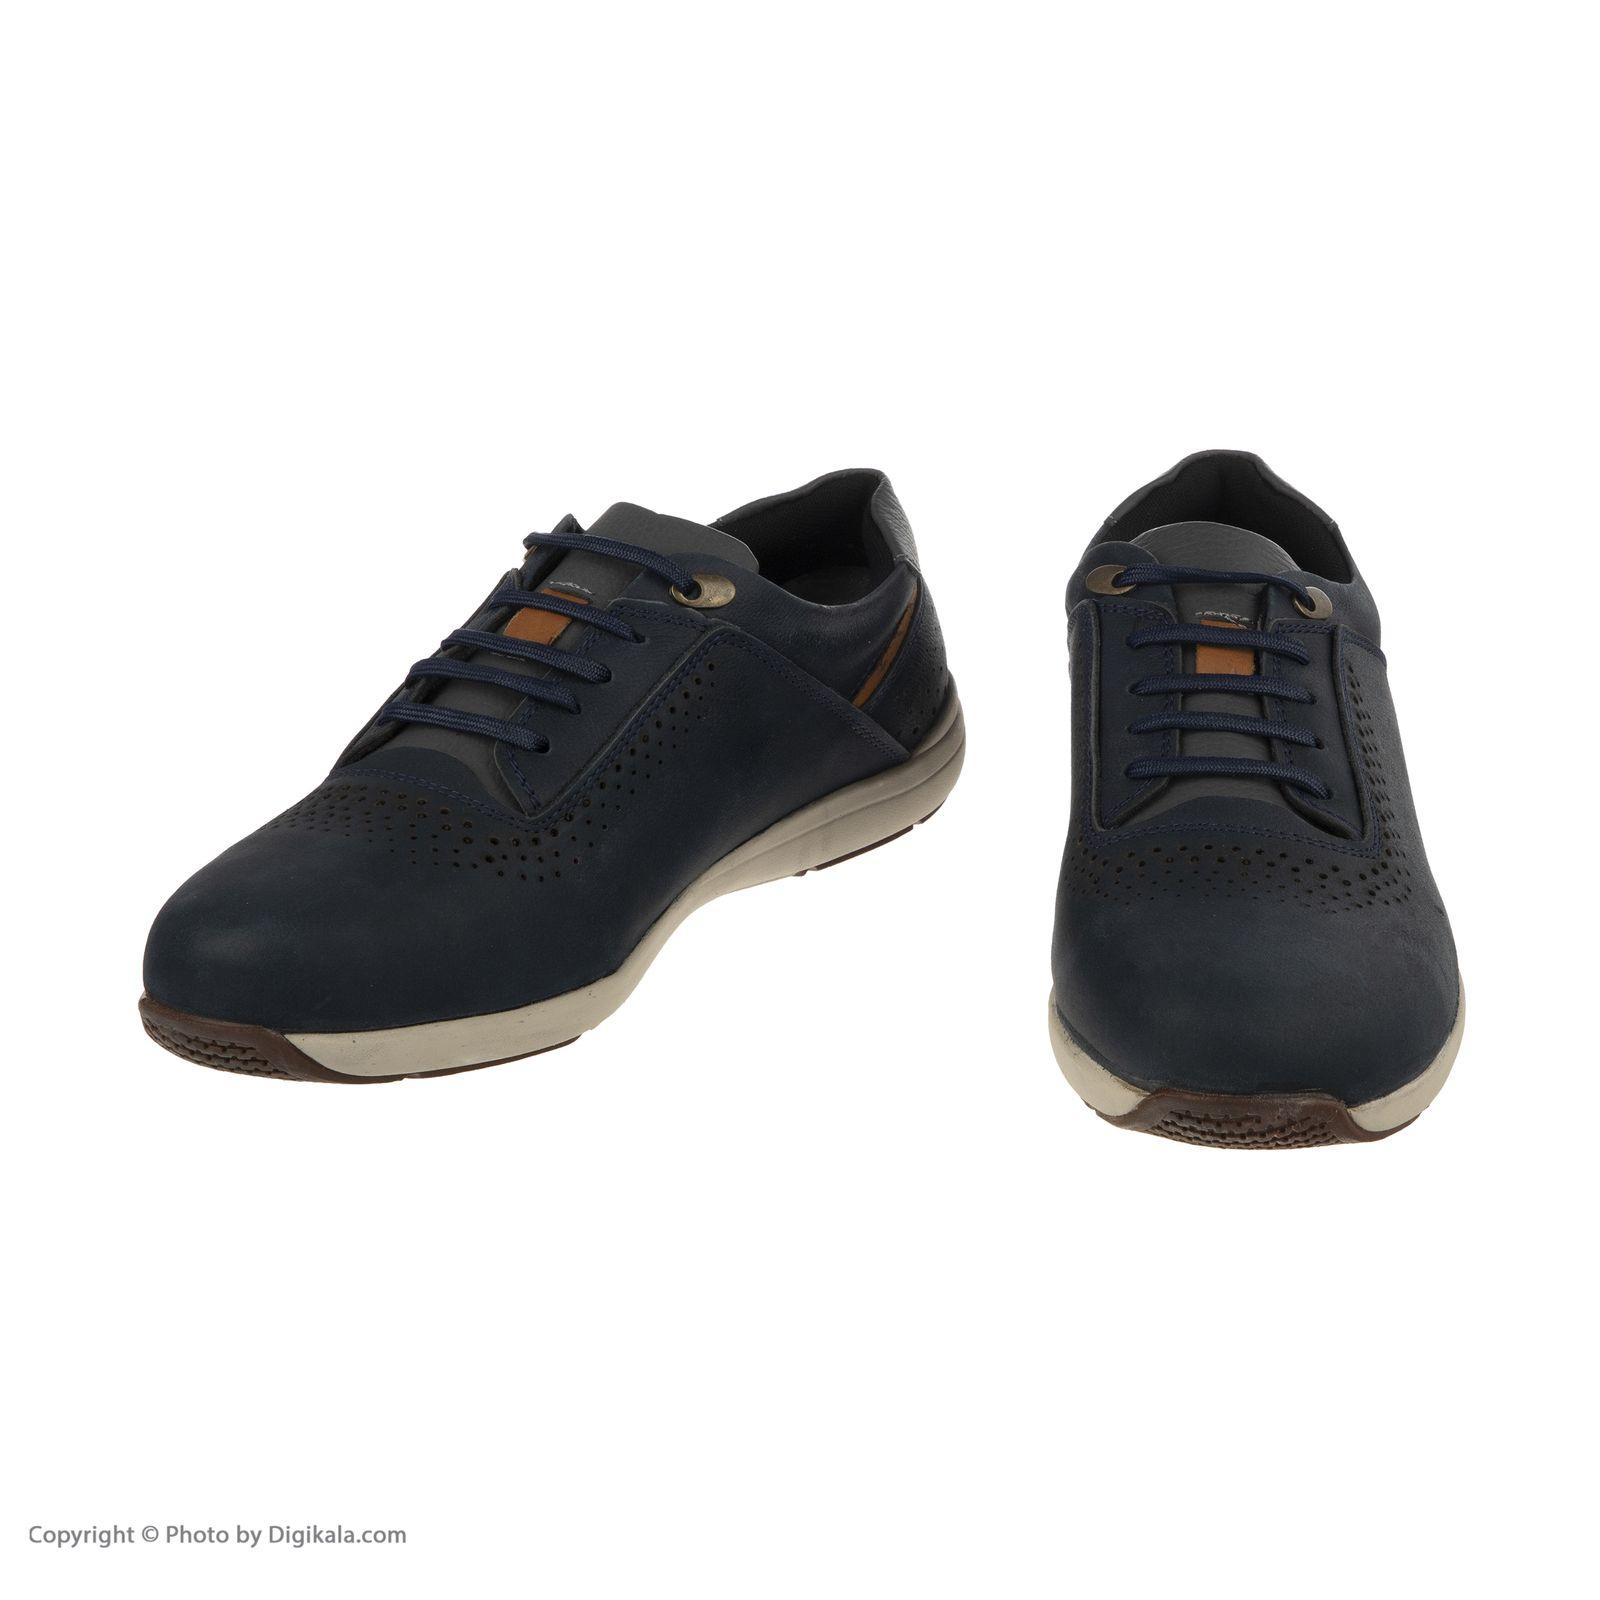 کفش روزمره مردانه سوته مدل 5037A503103 -  - 9